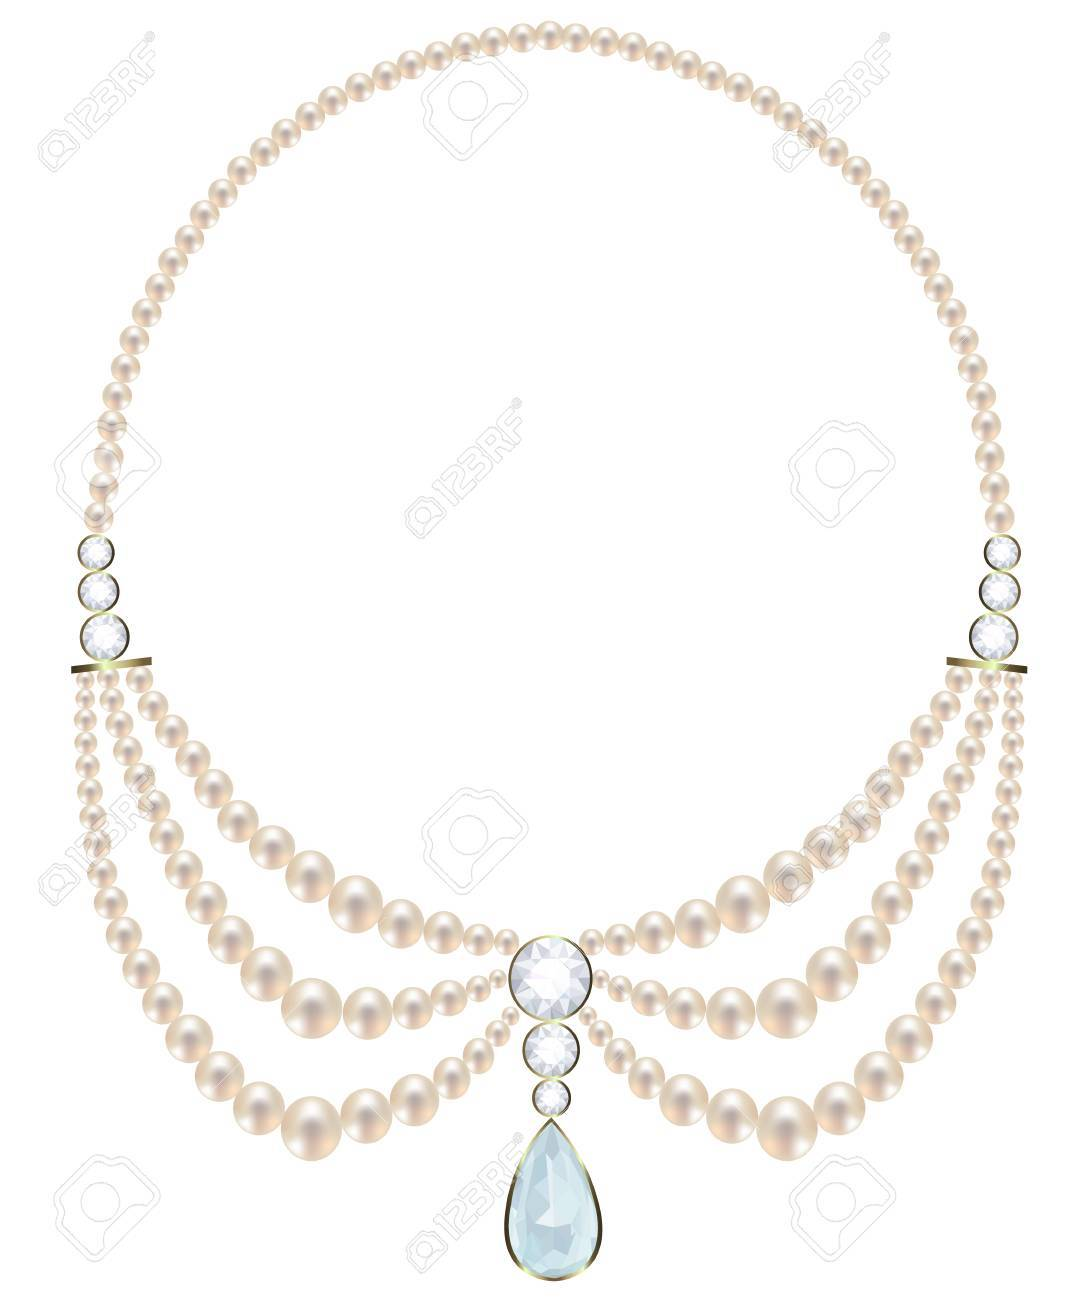 77b8ca54b7fe Collar de perlas de tres hilos con una suspensión de diamante Foto de  archivo - 38185992